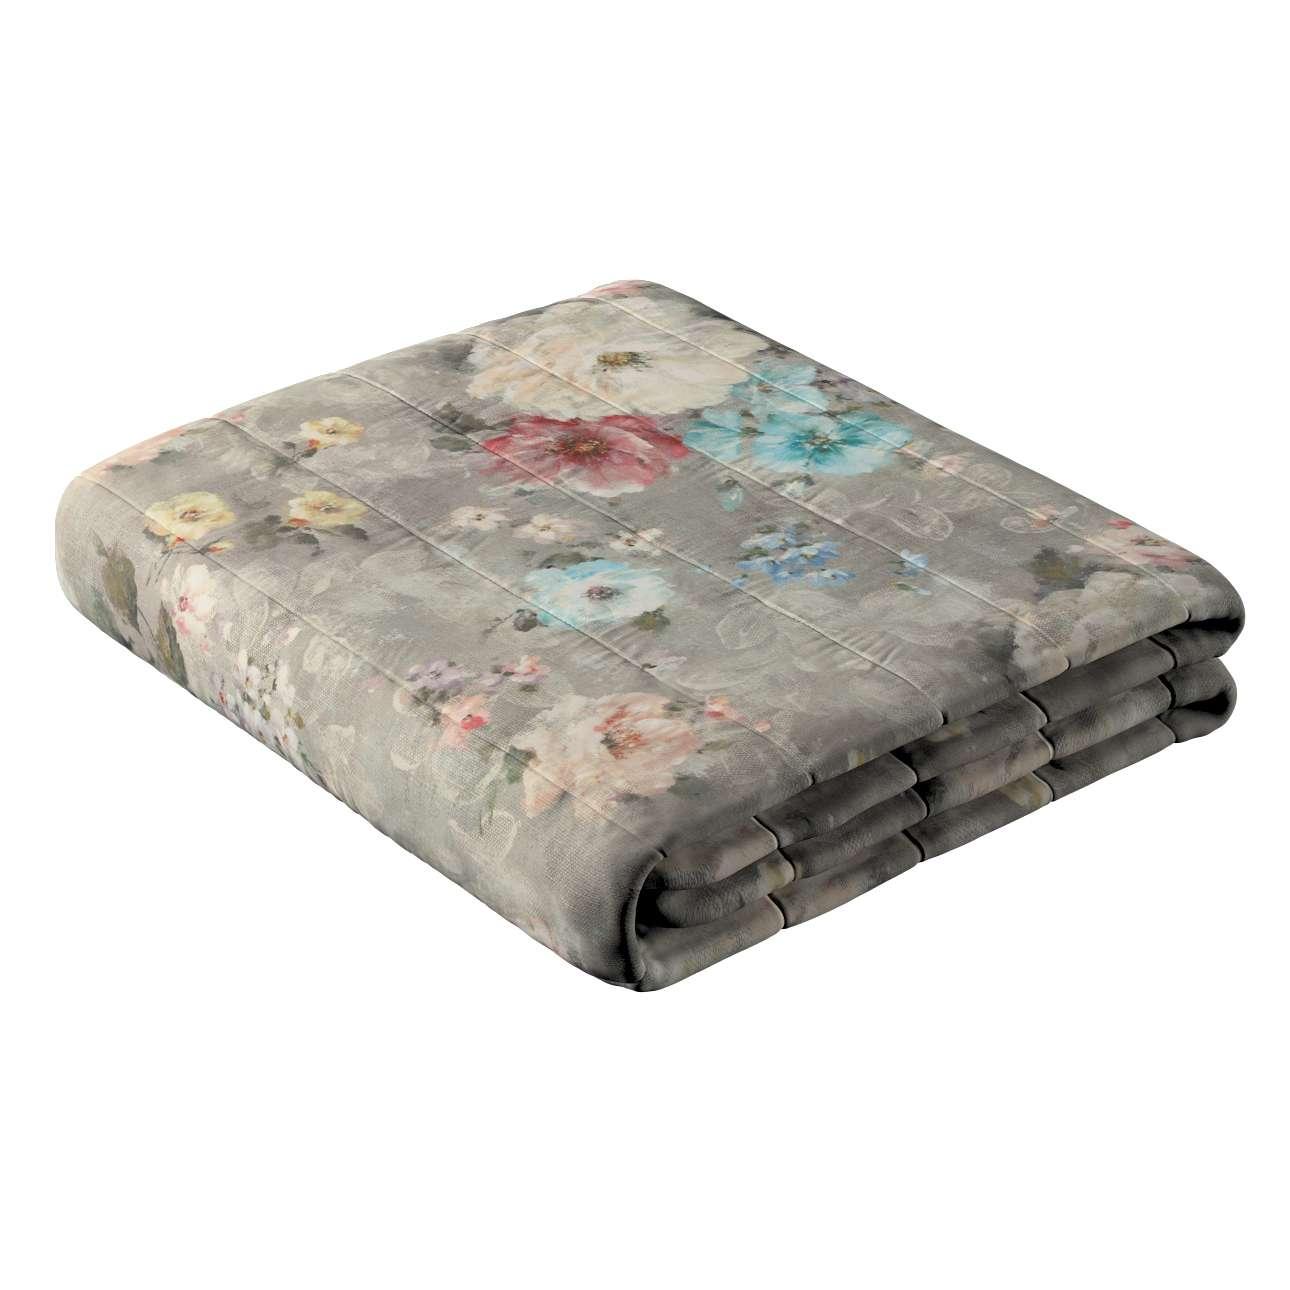 Lovatiesės (vertikaliai dygsniuotos) kolekcijoje Monet, audinys: 137-81